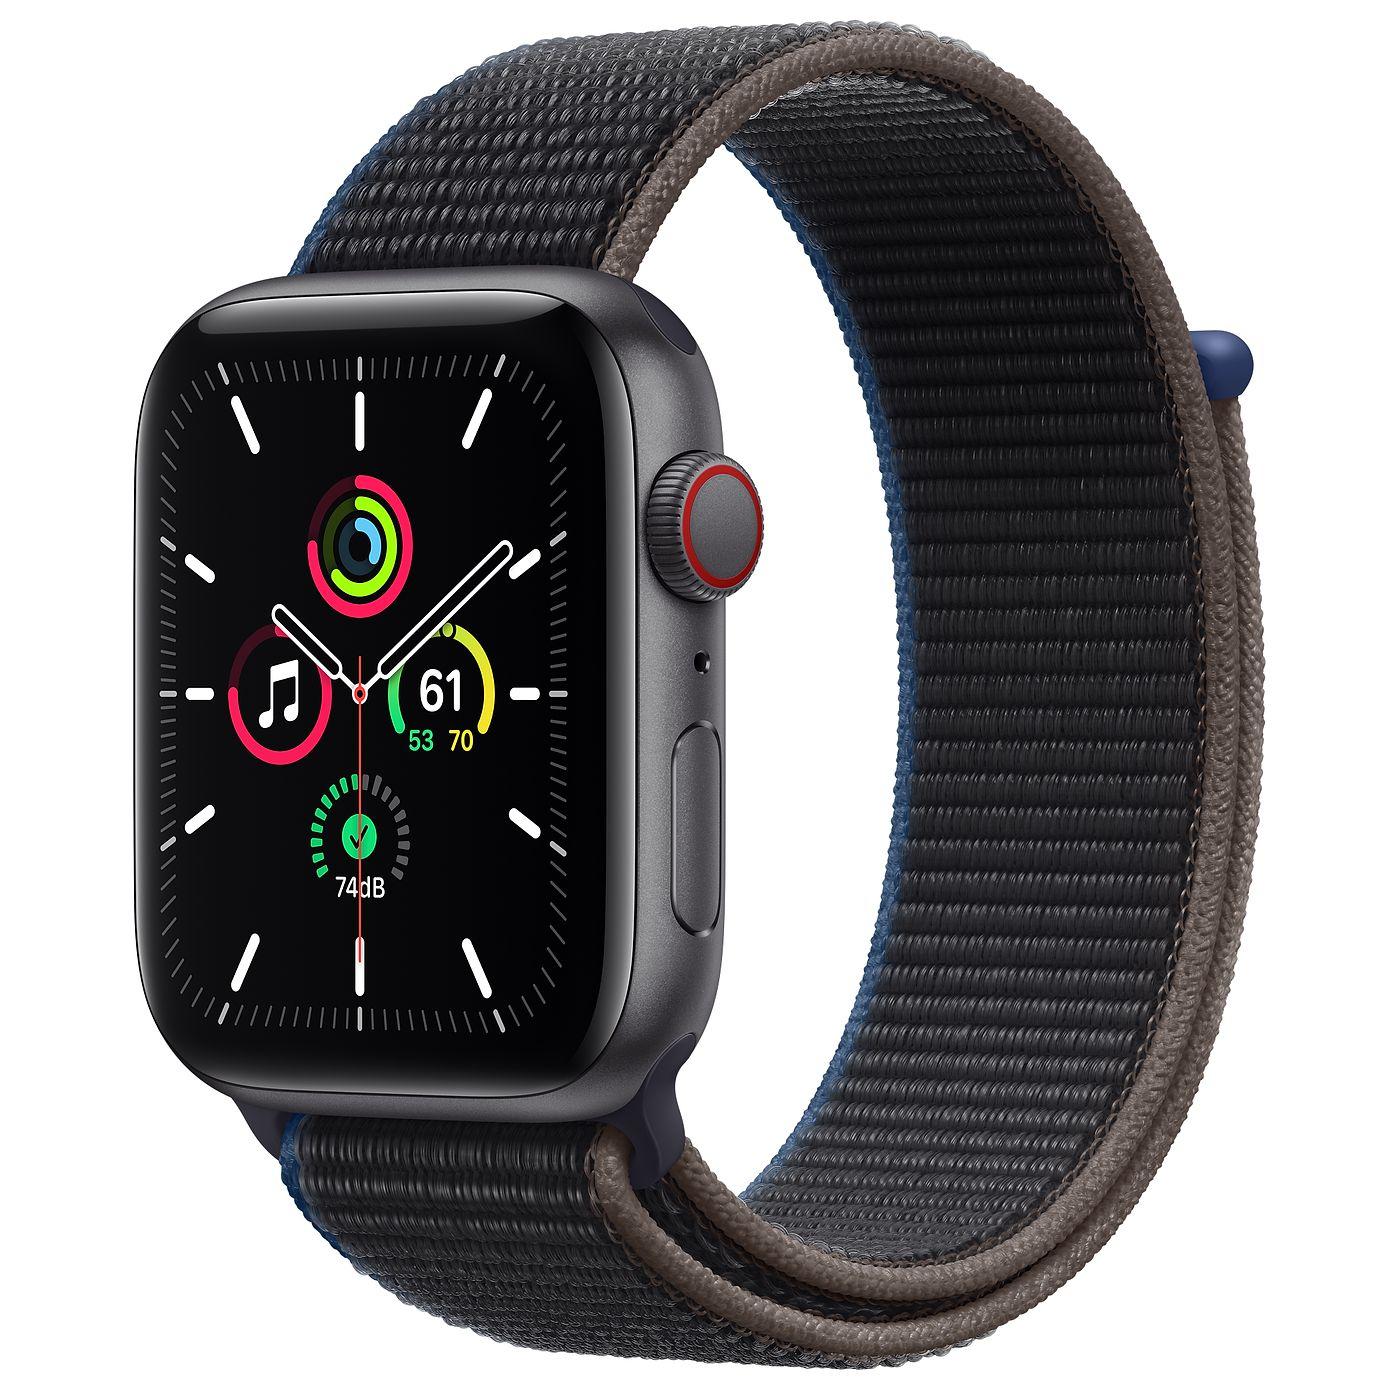 Apple 2020년 애플워치 SE, GPS+Cellular, 스페이스 그레이 알루미늄 케이스, 차콜 스포츠 루프